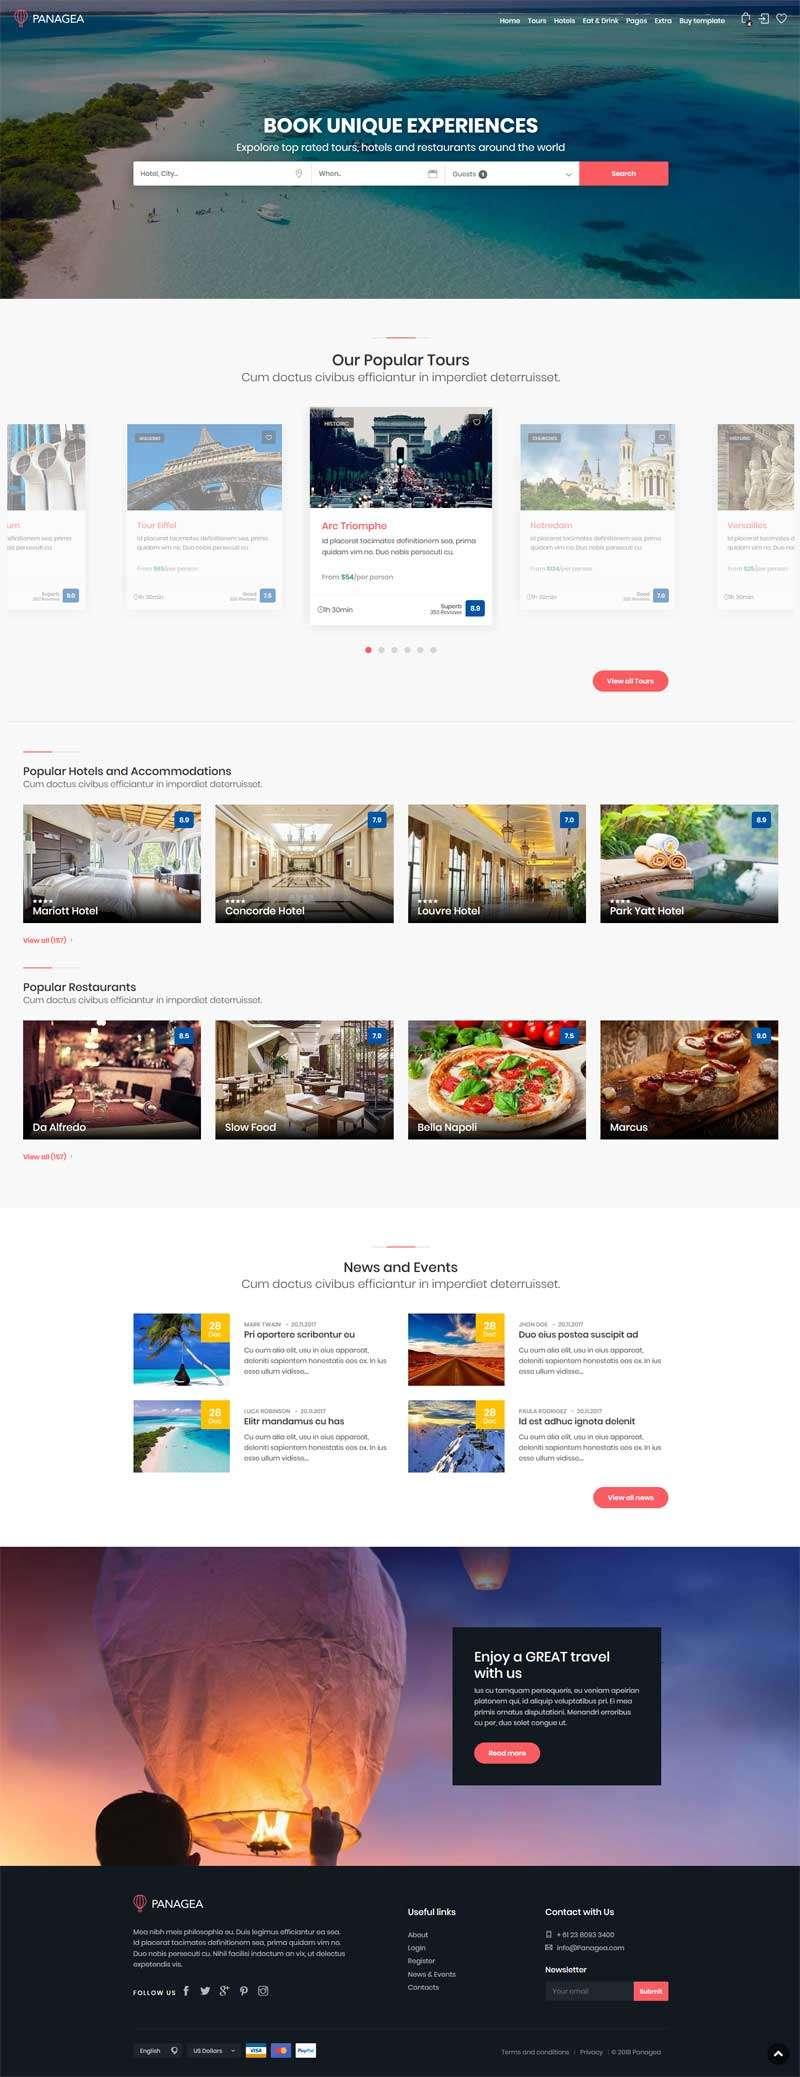 在线旅游酒店预订网站bootstrap模板